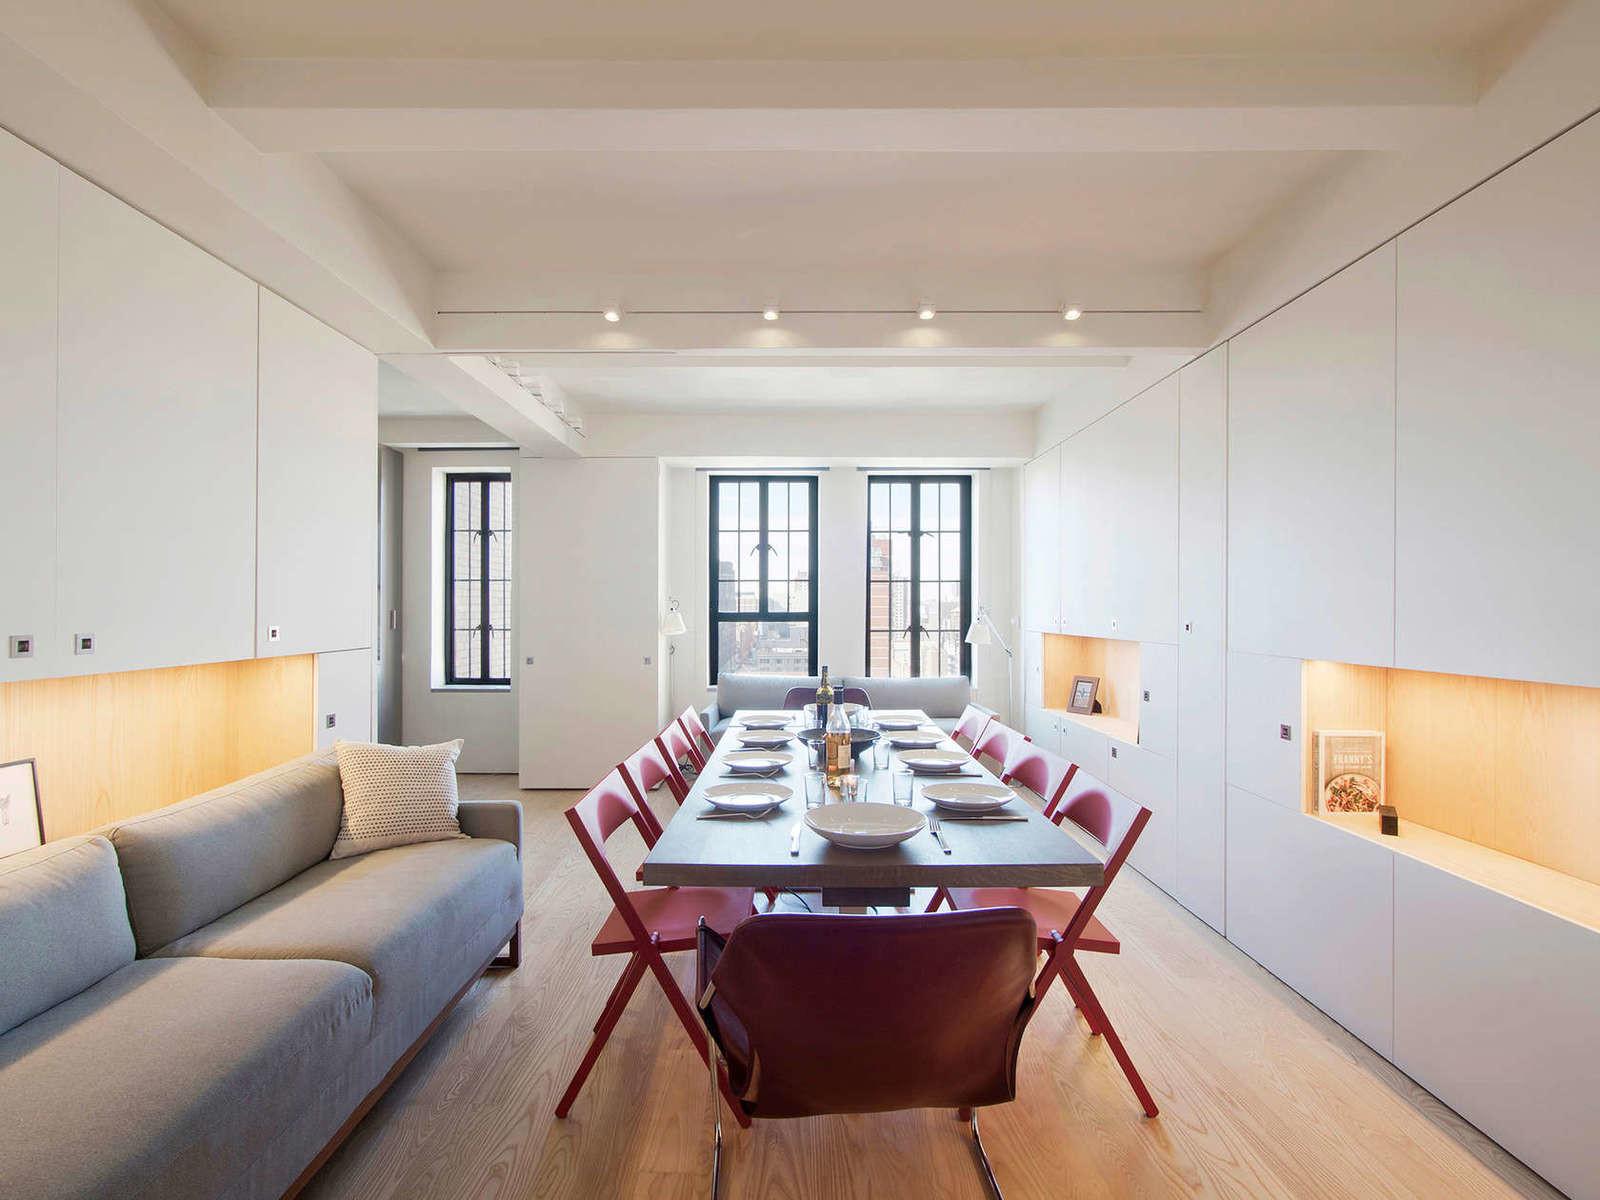 nestandarten-i-izkliuchitelno-funktsionalen-malak-apartament-37-m-5g